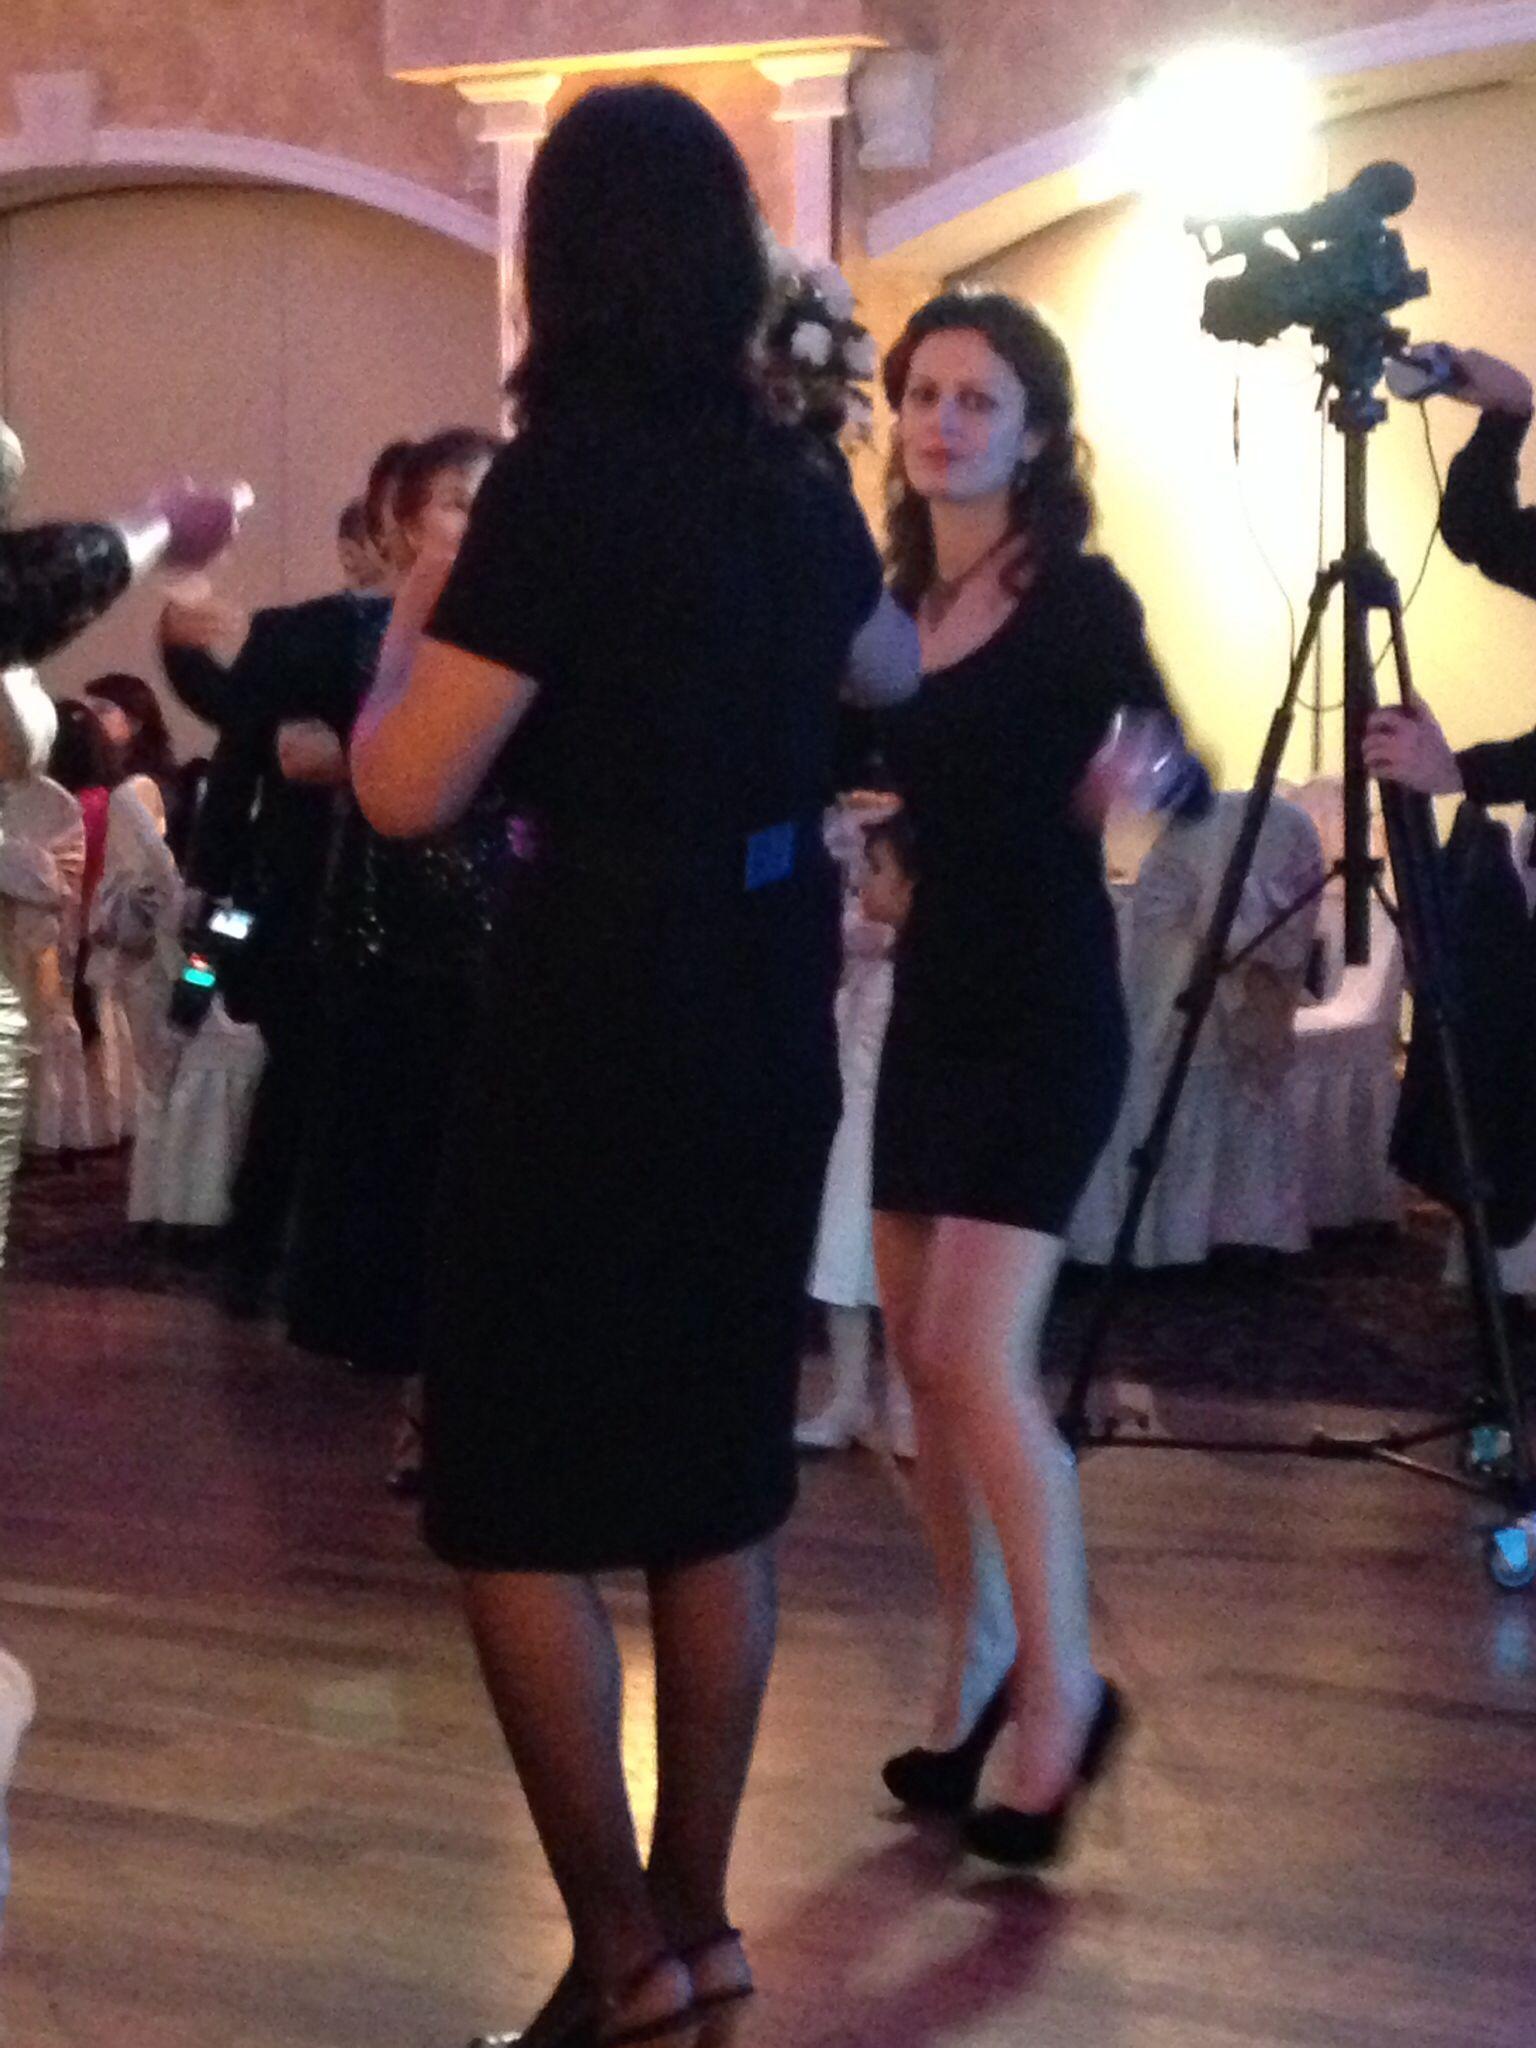 Me dancing Persian music